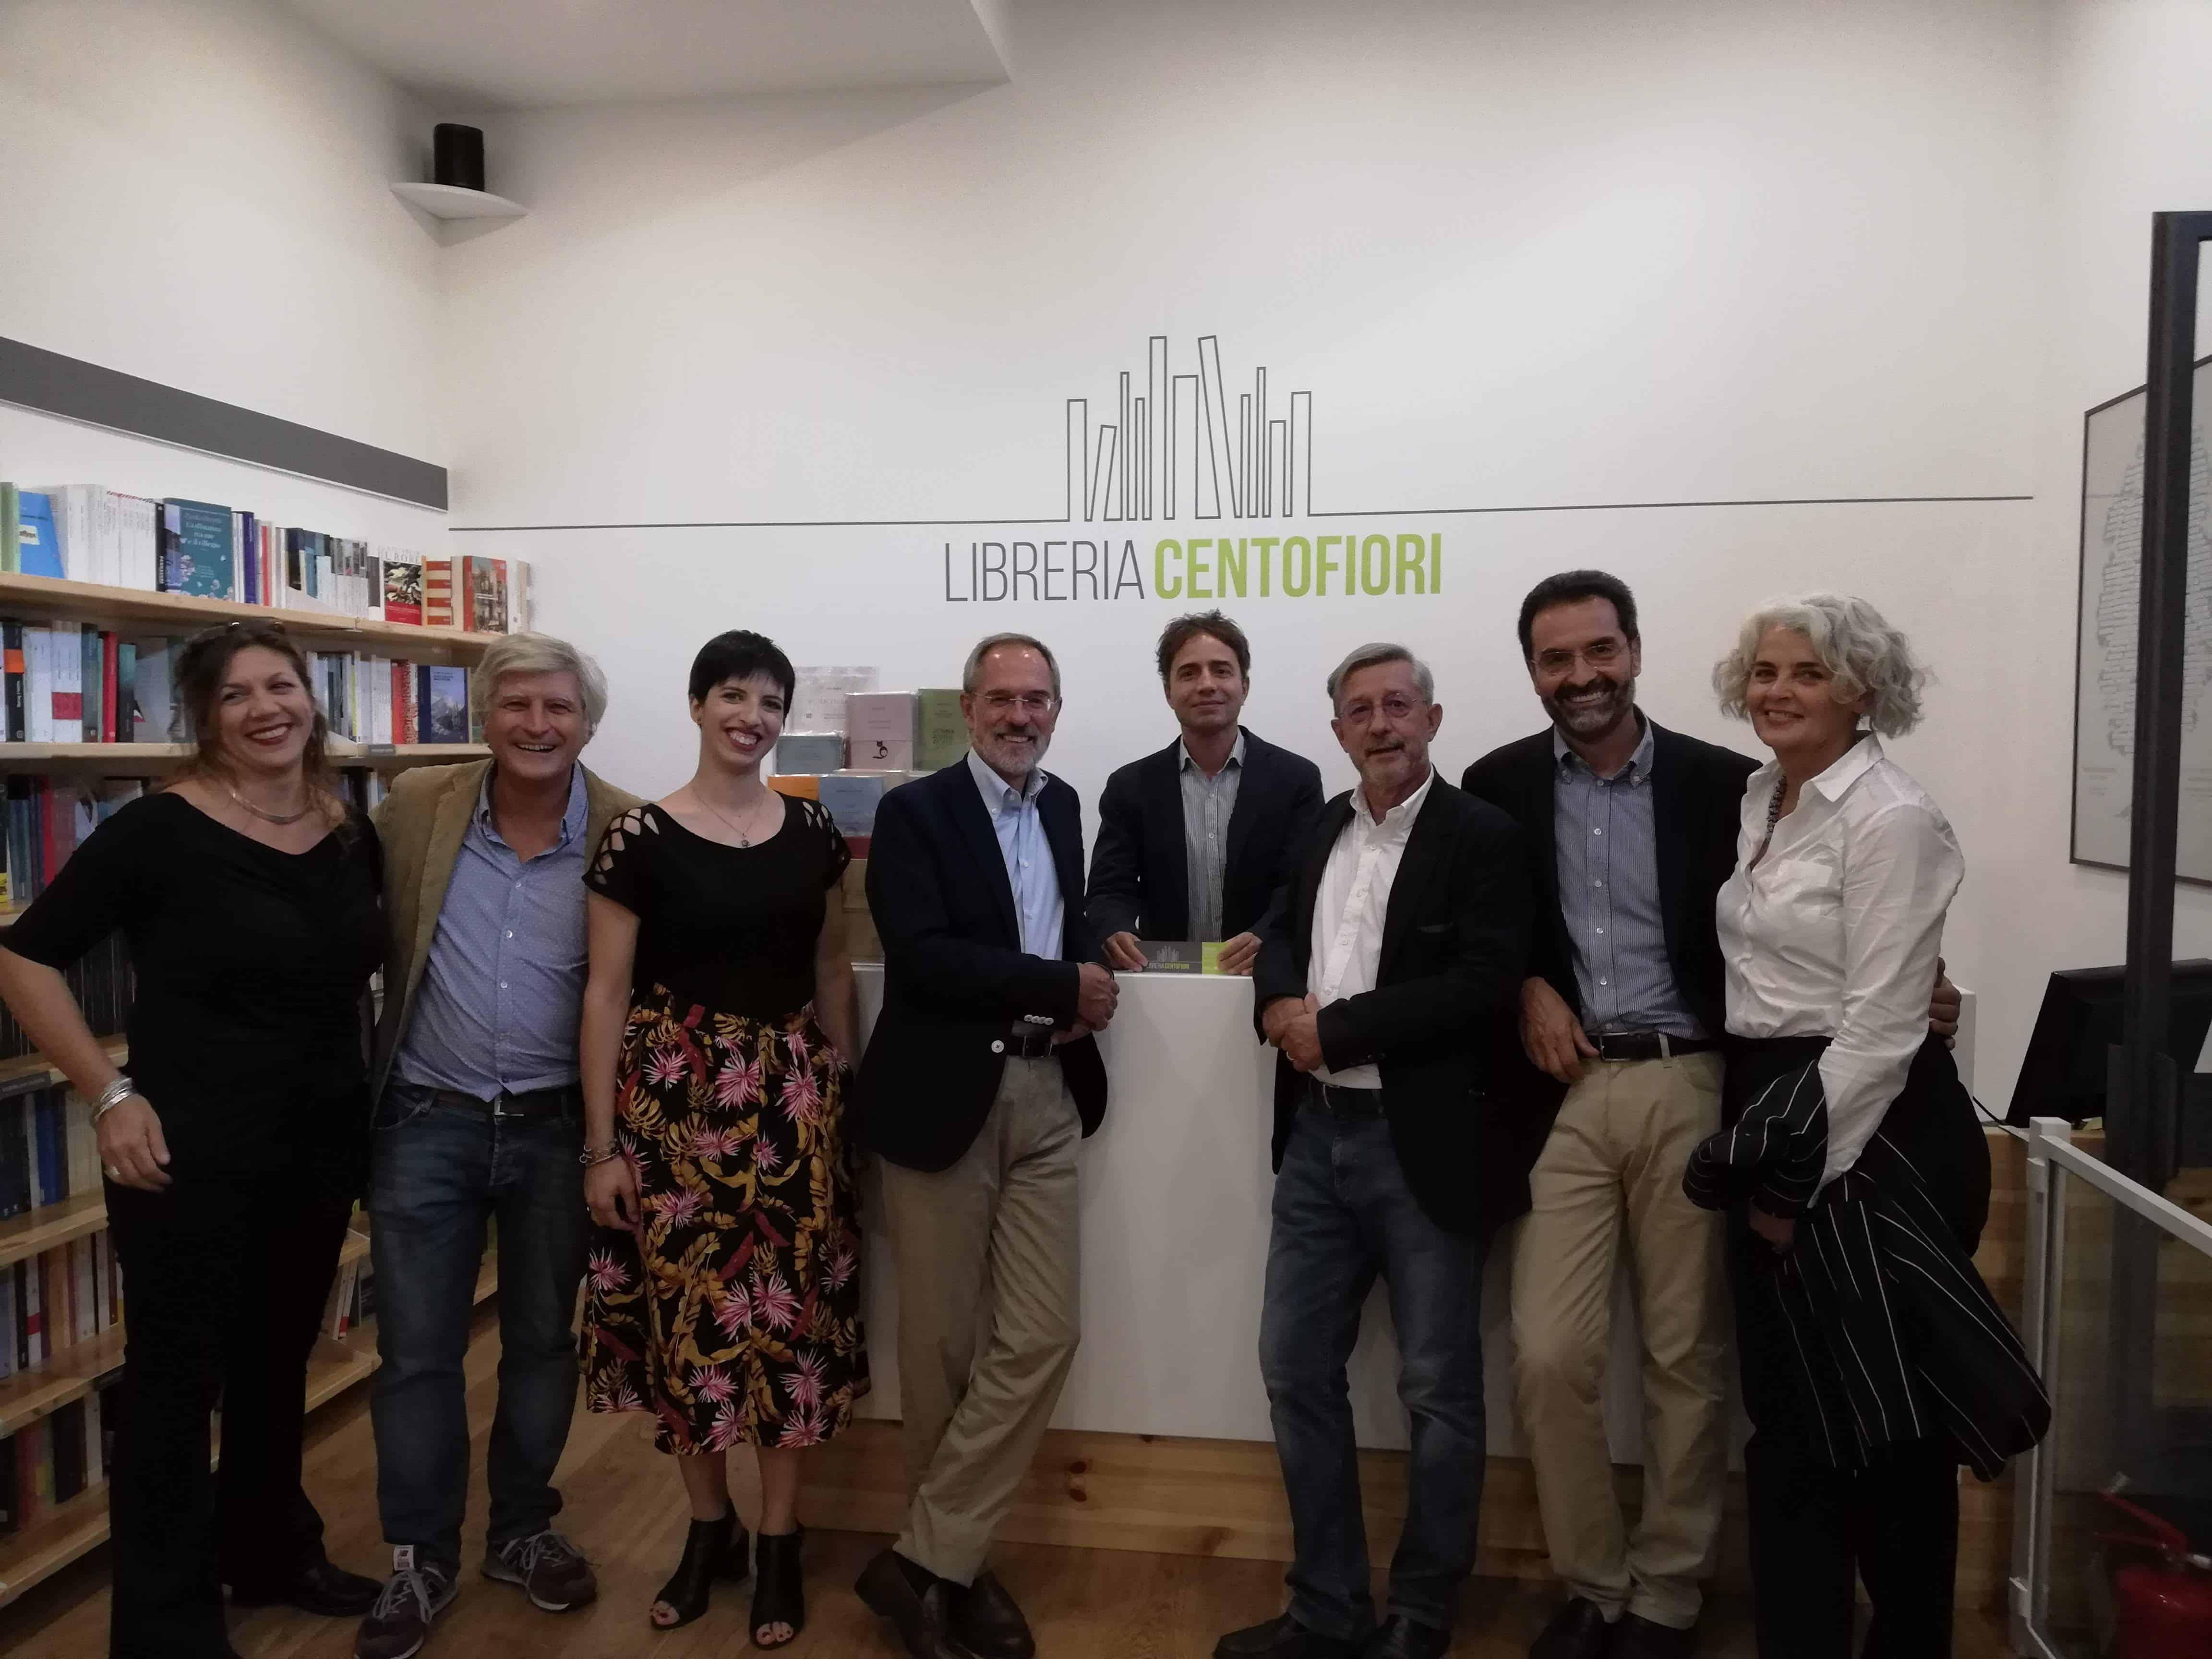 Inaugurazione della Libreria Centofiori